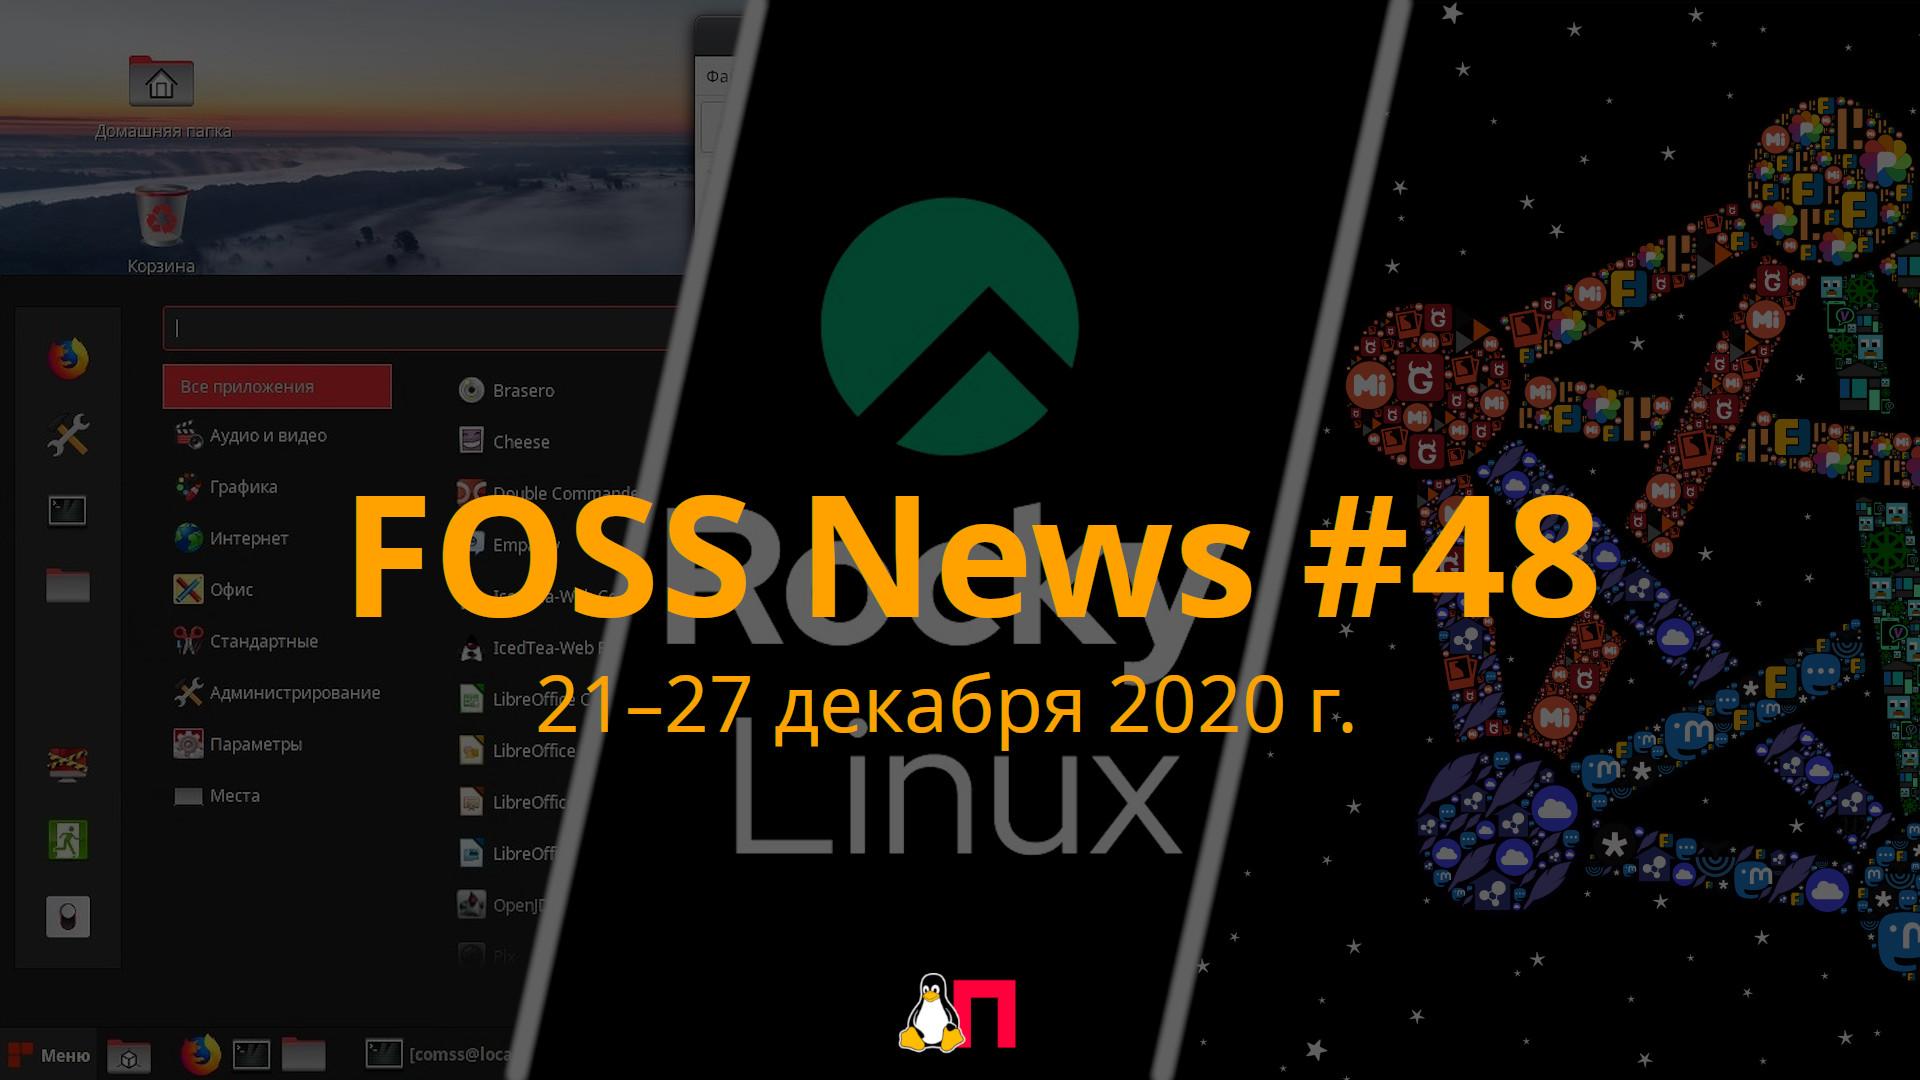 FOSS News 48  дайджест новостей и других материалов о свободном и открытом ПО за 21-27 декабря 2020 года